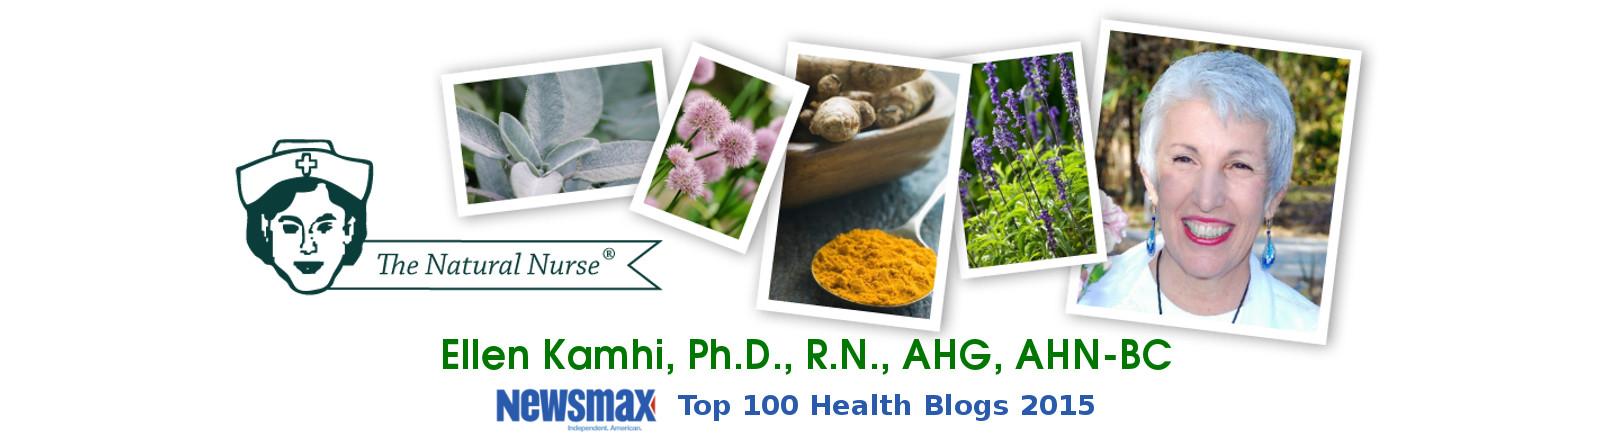 About Ellen Kamhi Ph.D., R.N., AHG-BC, AHN